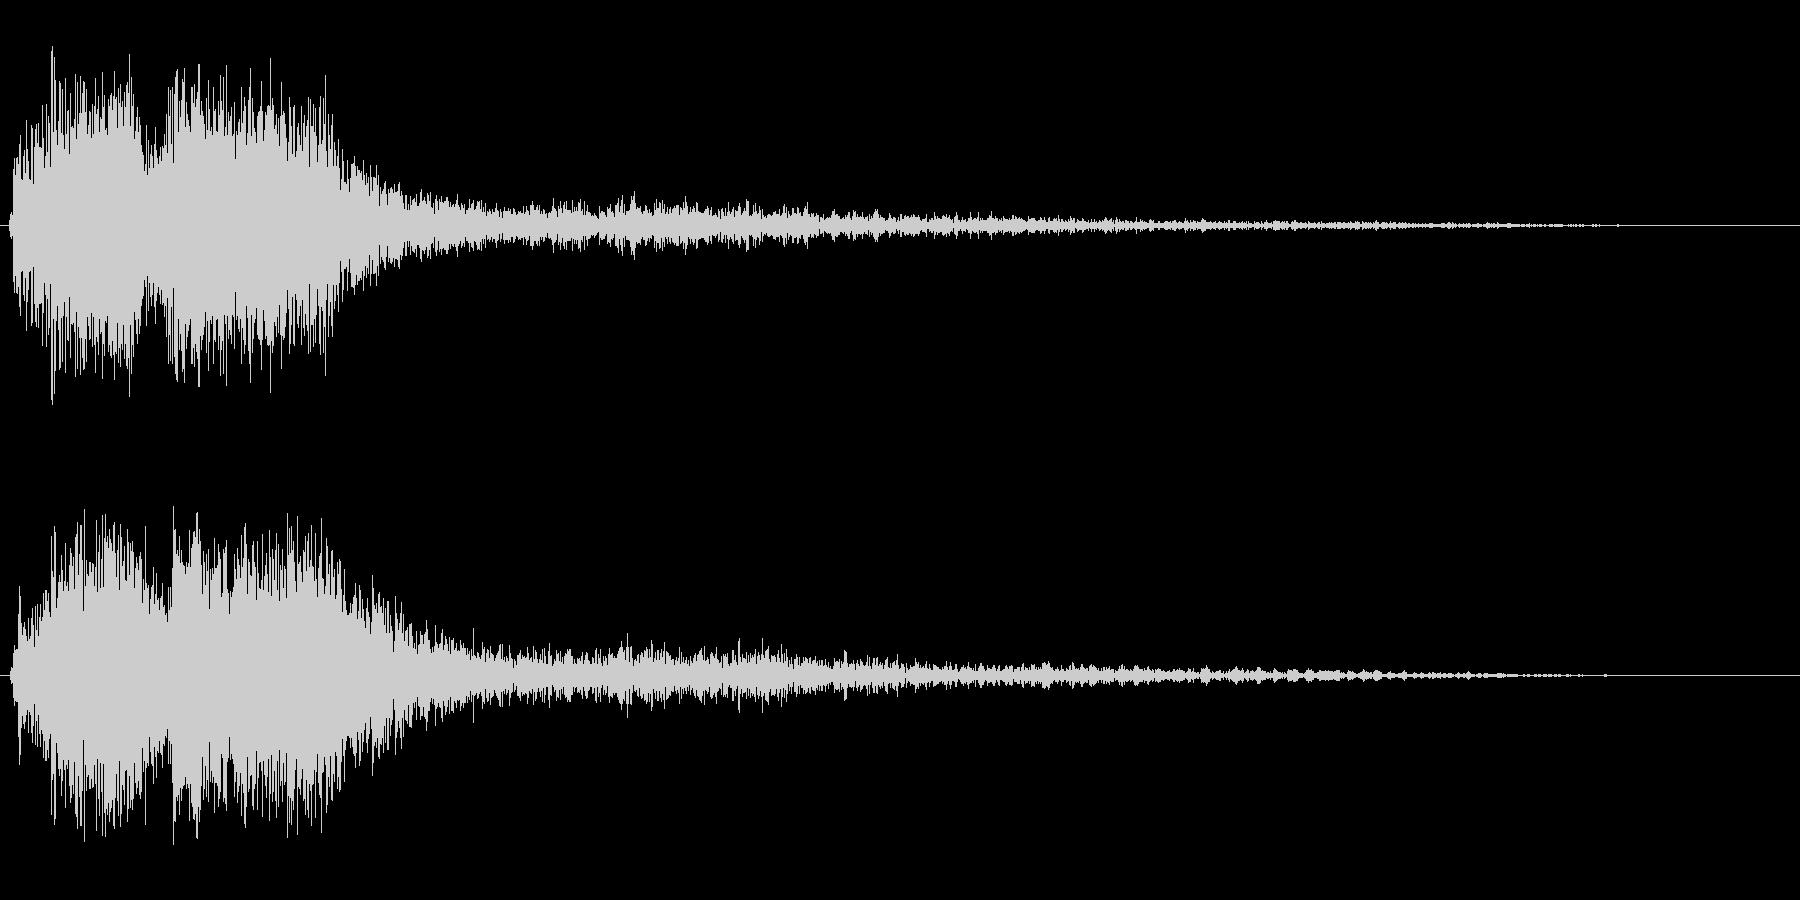 レーザービームが発射される効果音の未再生の波形